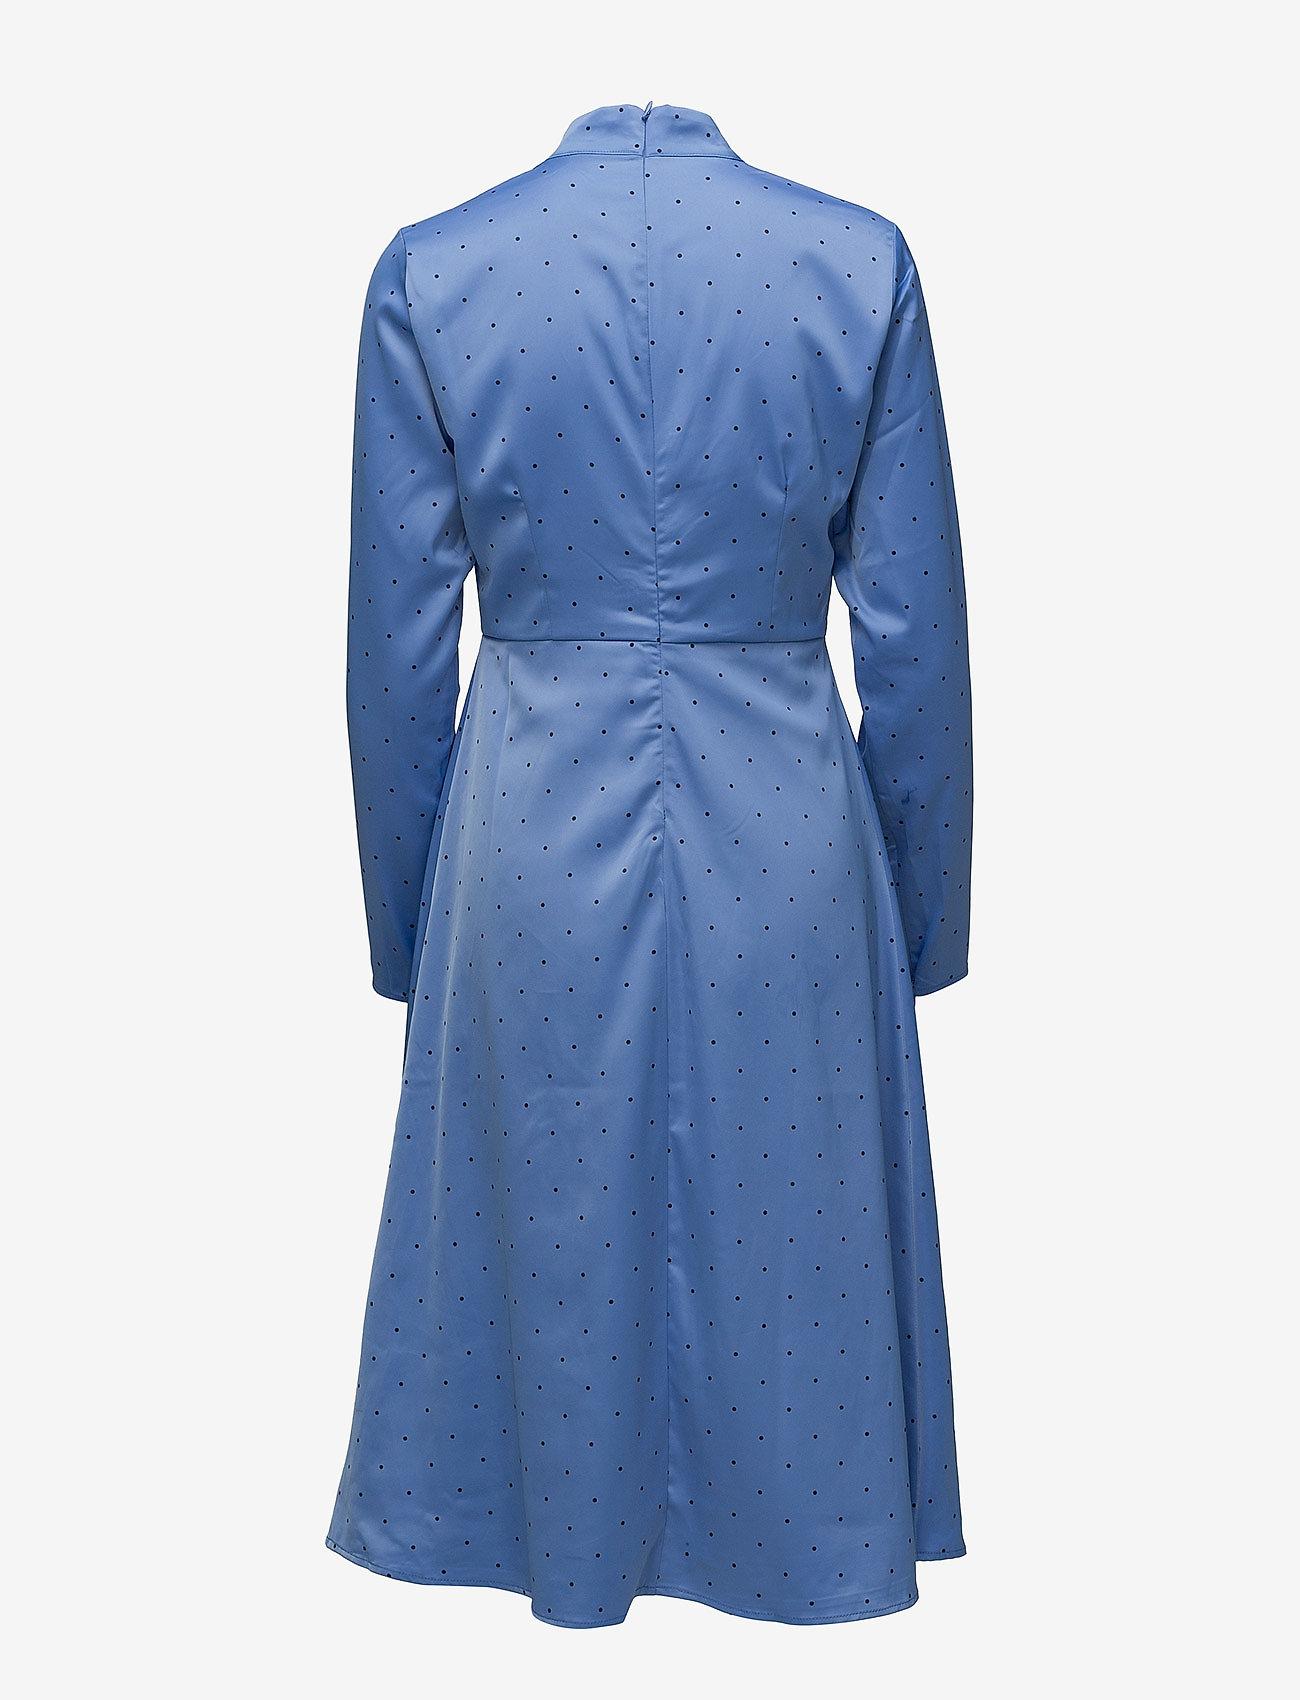 Gestuz Ihara Dress MS18 - Sukienki GRANADA SKY - Kobiety Odzież.